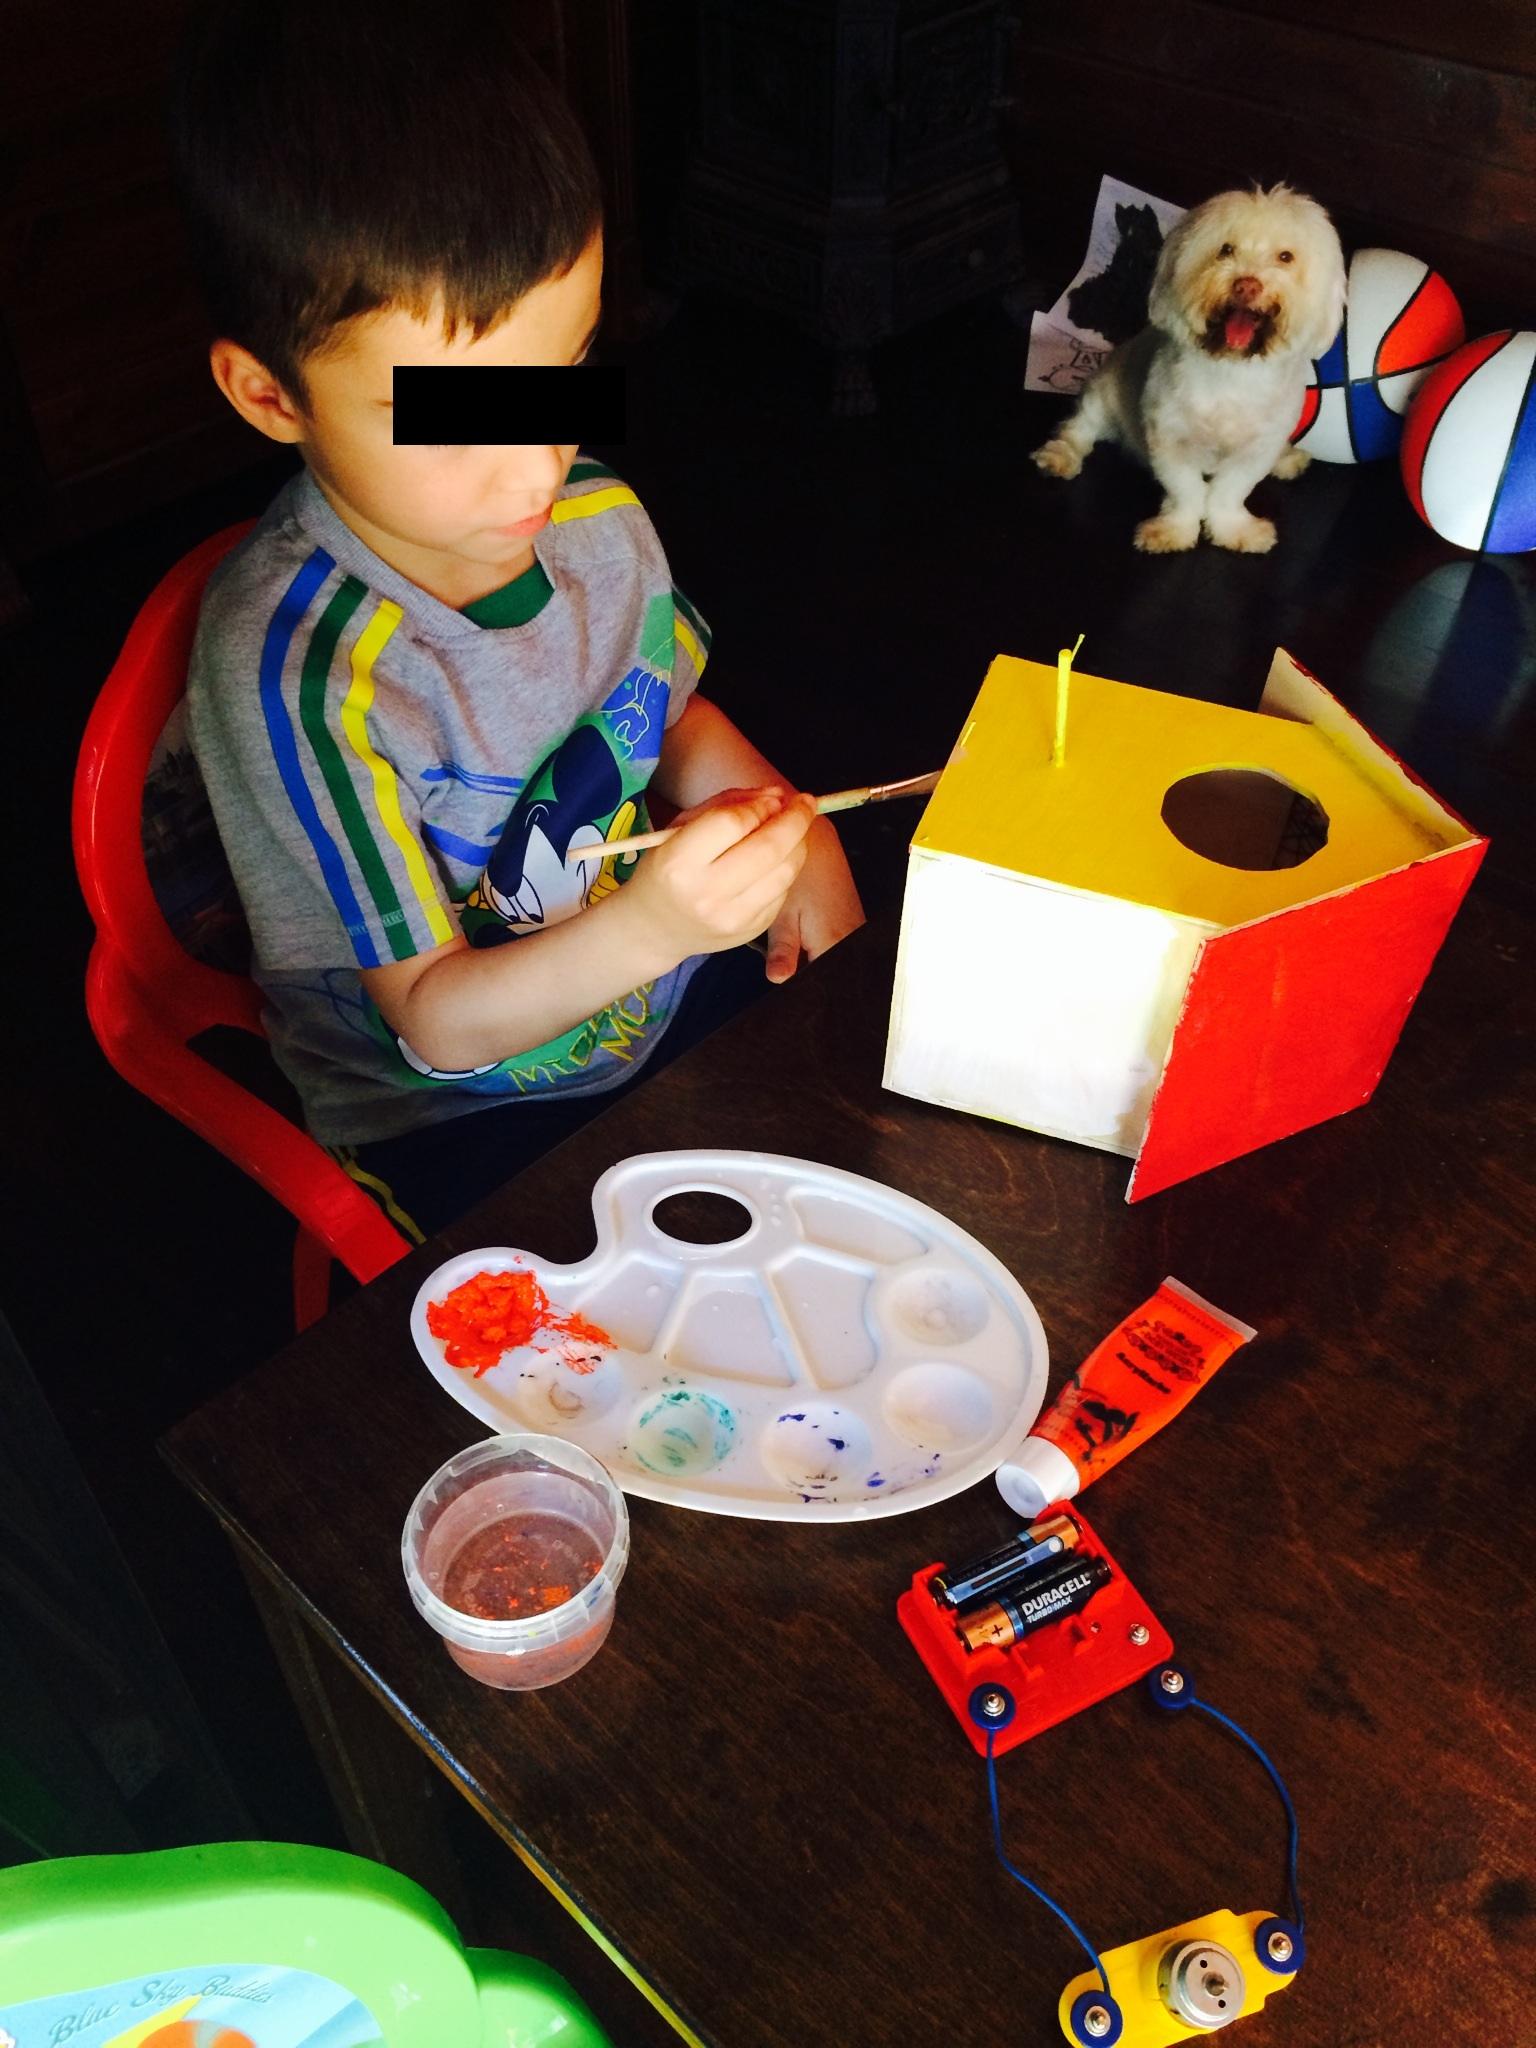 Maximus a avut ideea de a construi o casuta pentru pasari, iar tatal lui l-a ajutat s-o faca